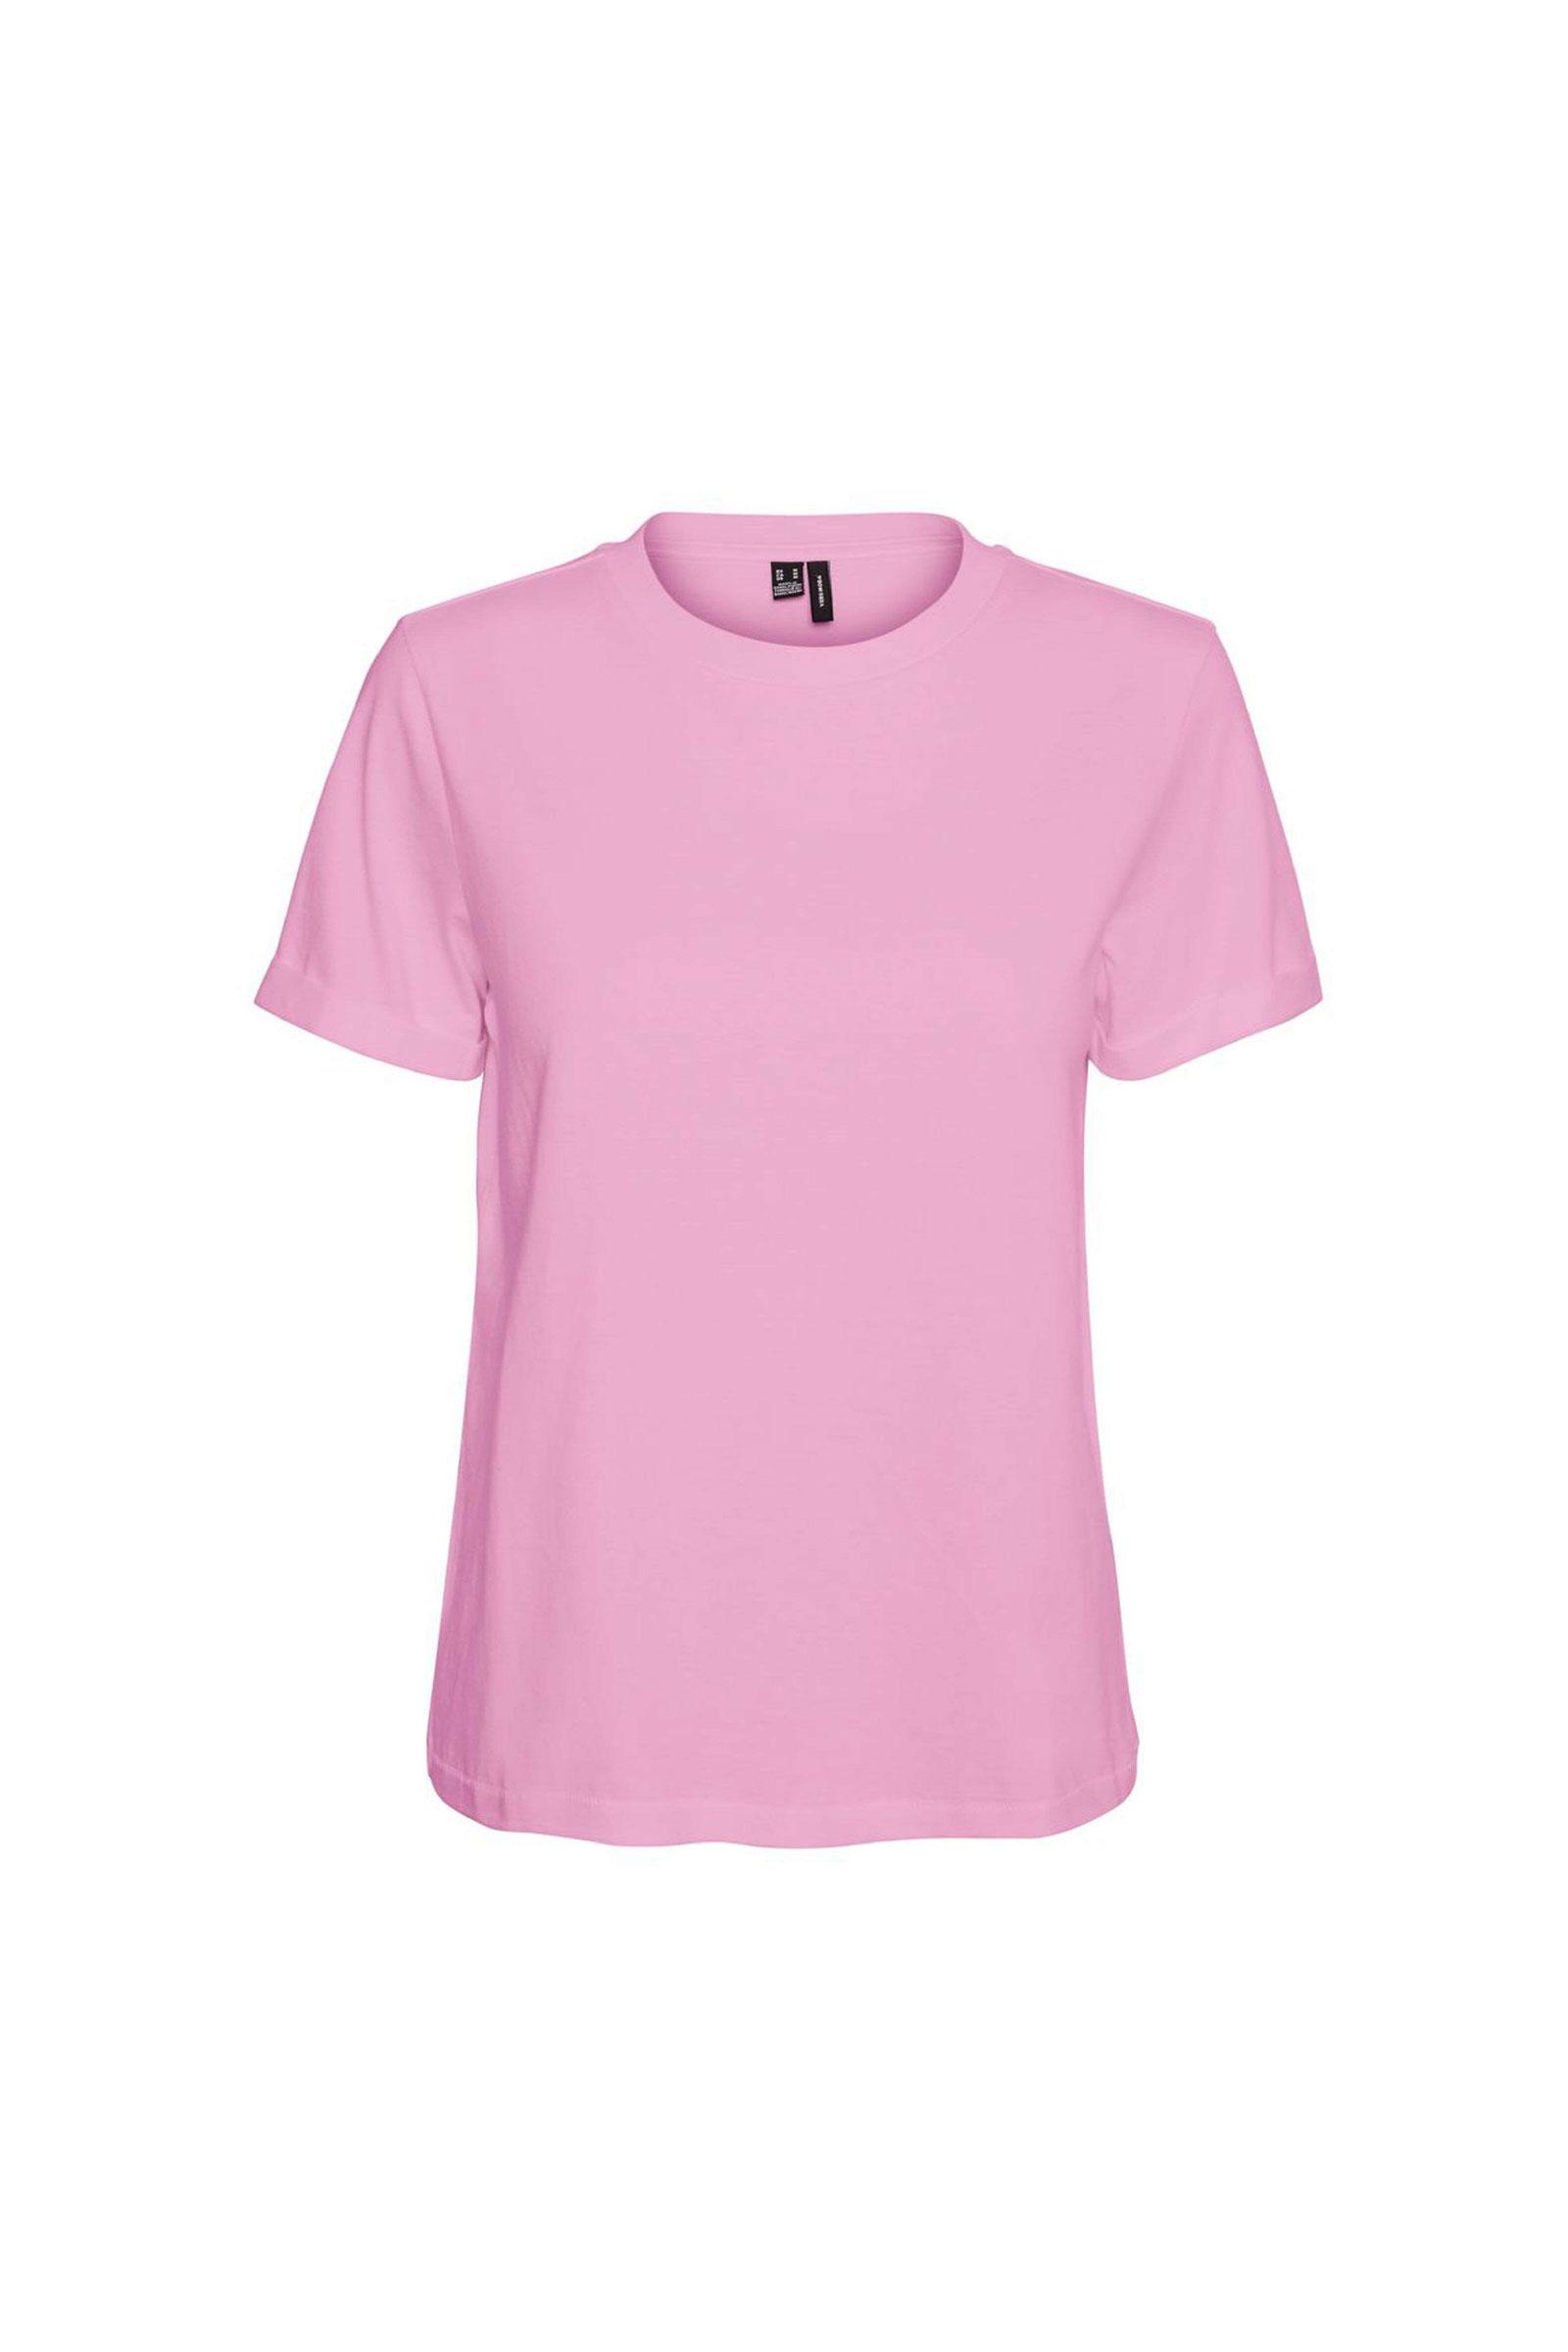 VERO MODA T-SHIRT Donna Modello PAULA VERO MODA   T-Shirt   10243889Pastel Lavender